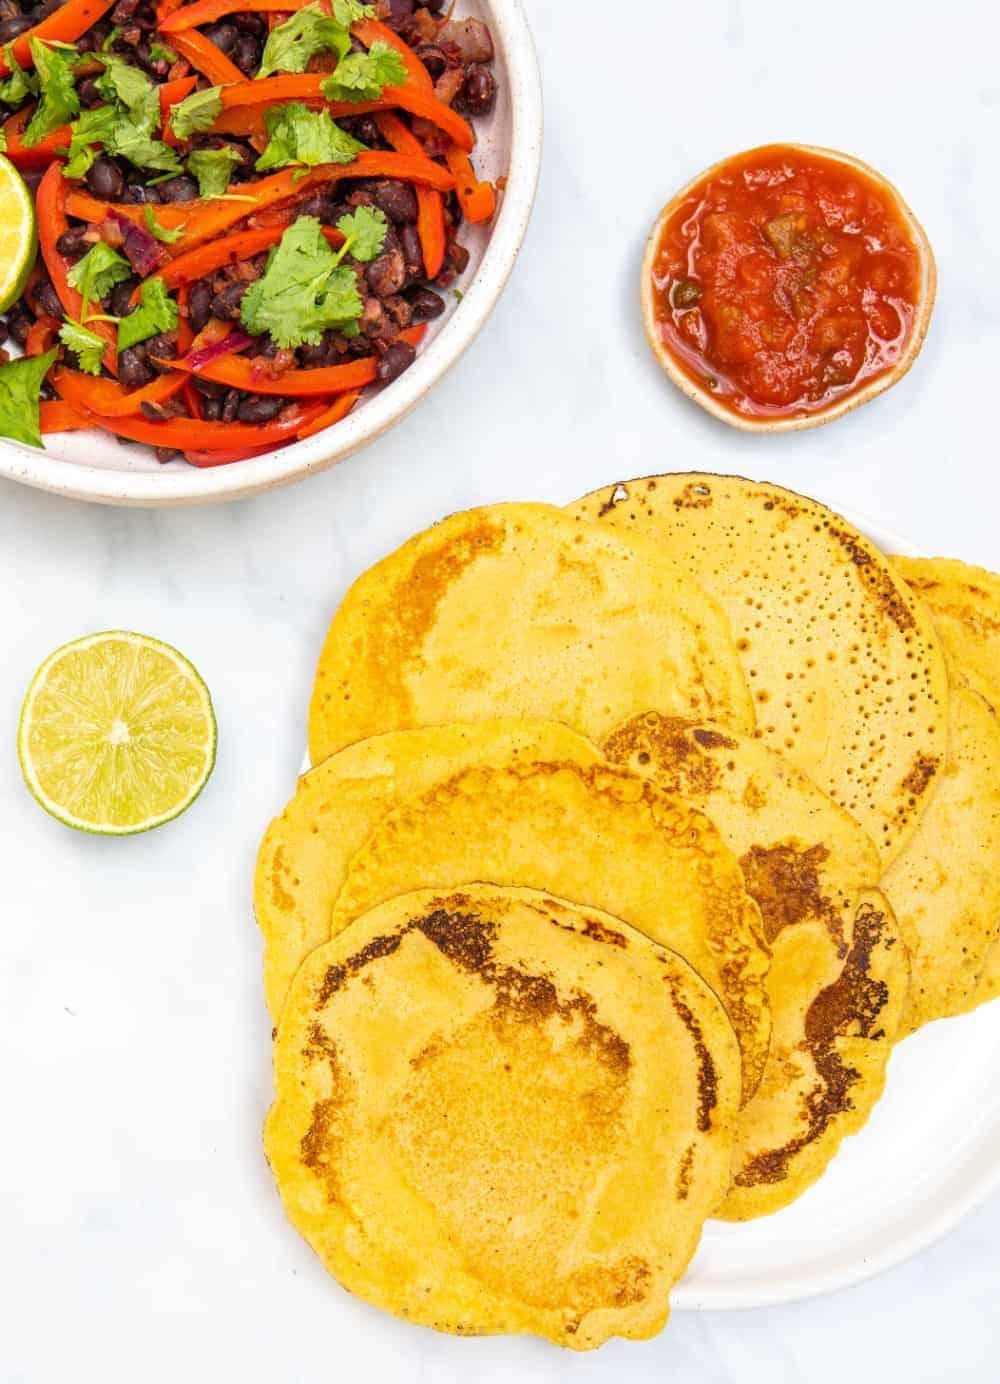 Gluten Free Tortillas - Top